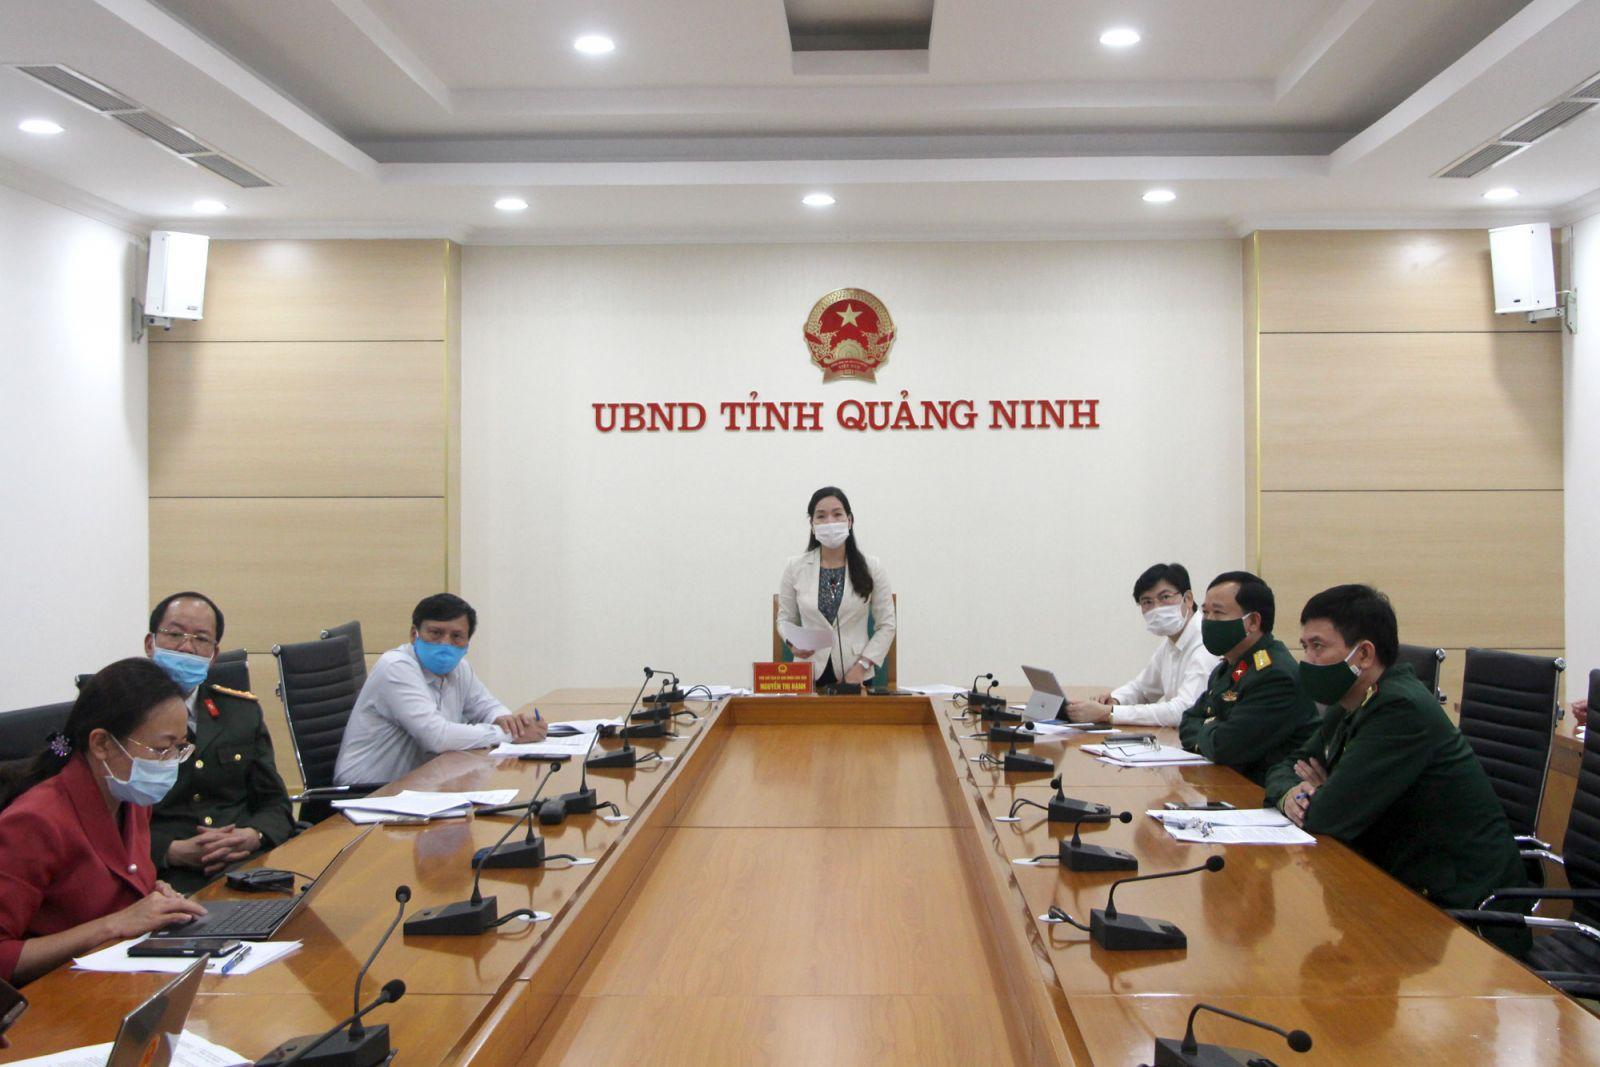 Bà Nguyễn Thị Hạnh, Phó Chủ tịch UBND tỉnh Quảng Ninh báo cáo với Thủ tướng Chính phủ.